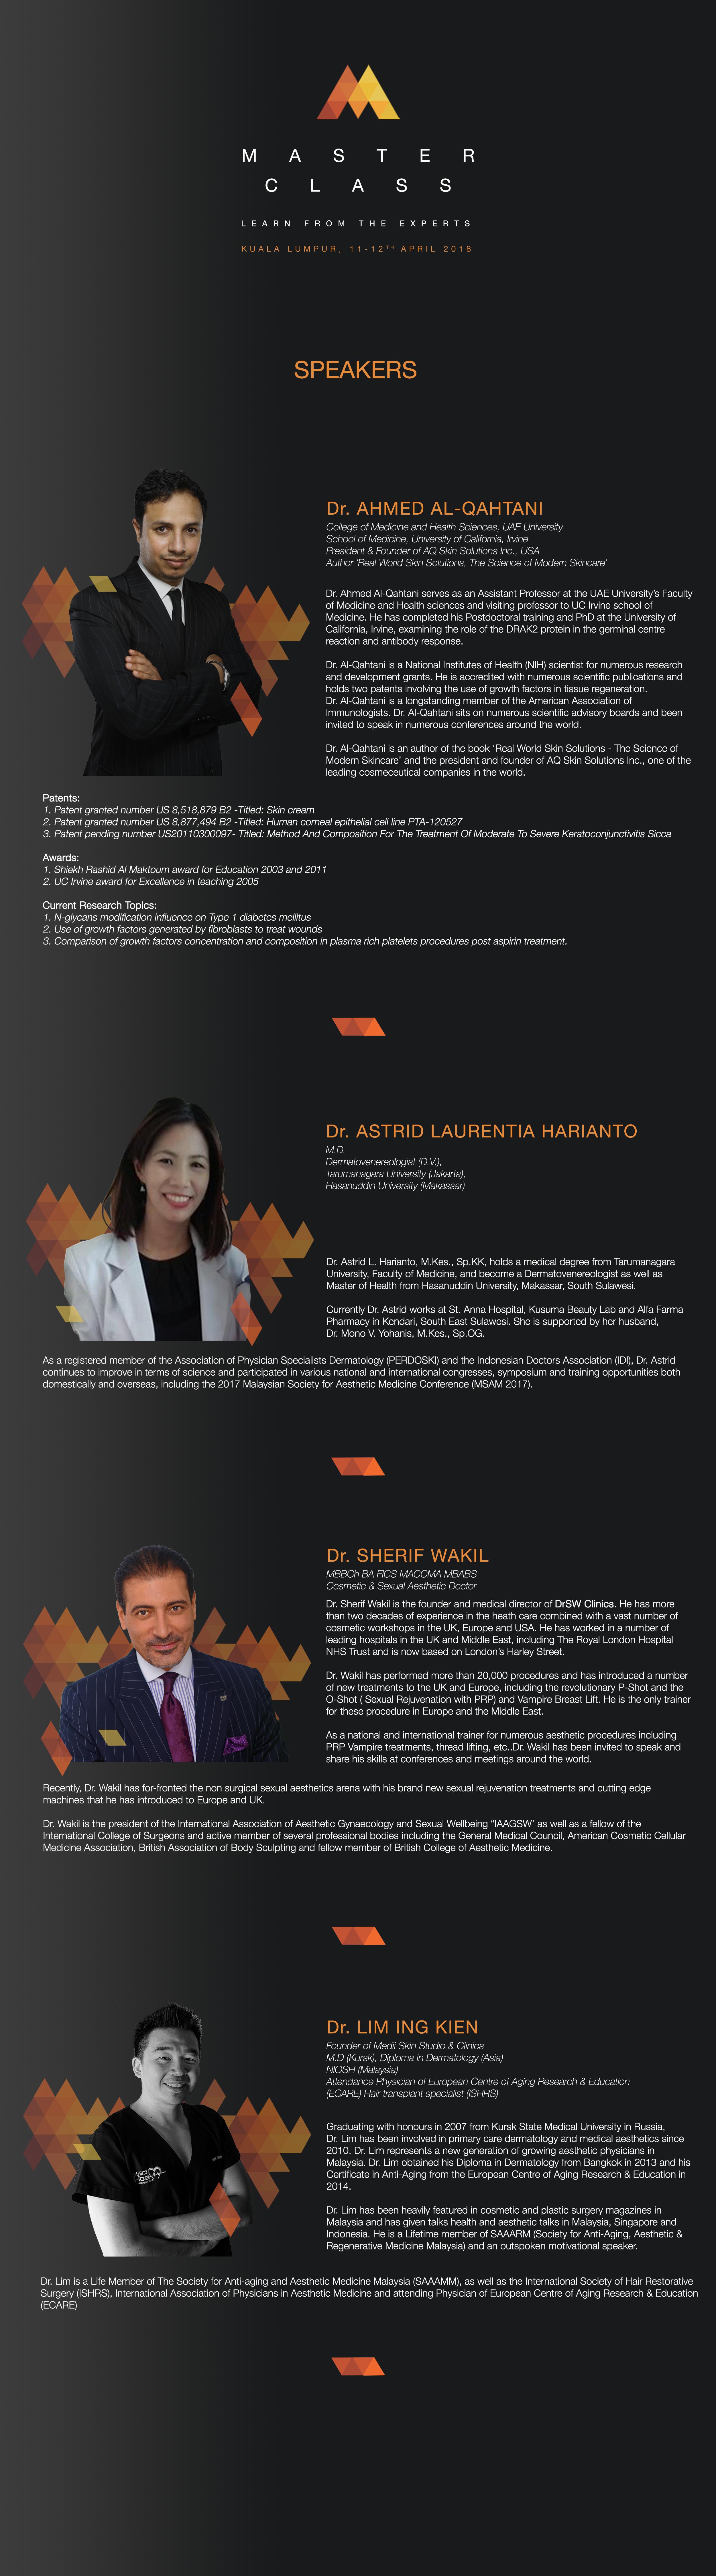 Speaker Profile Website.png